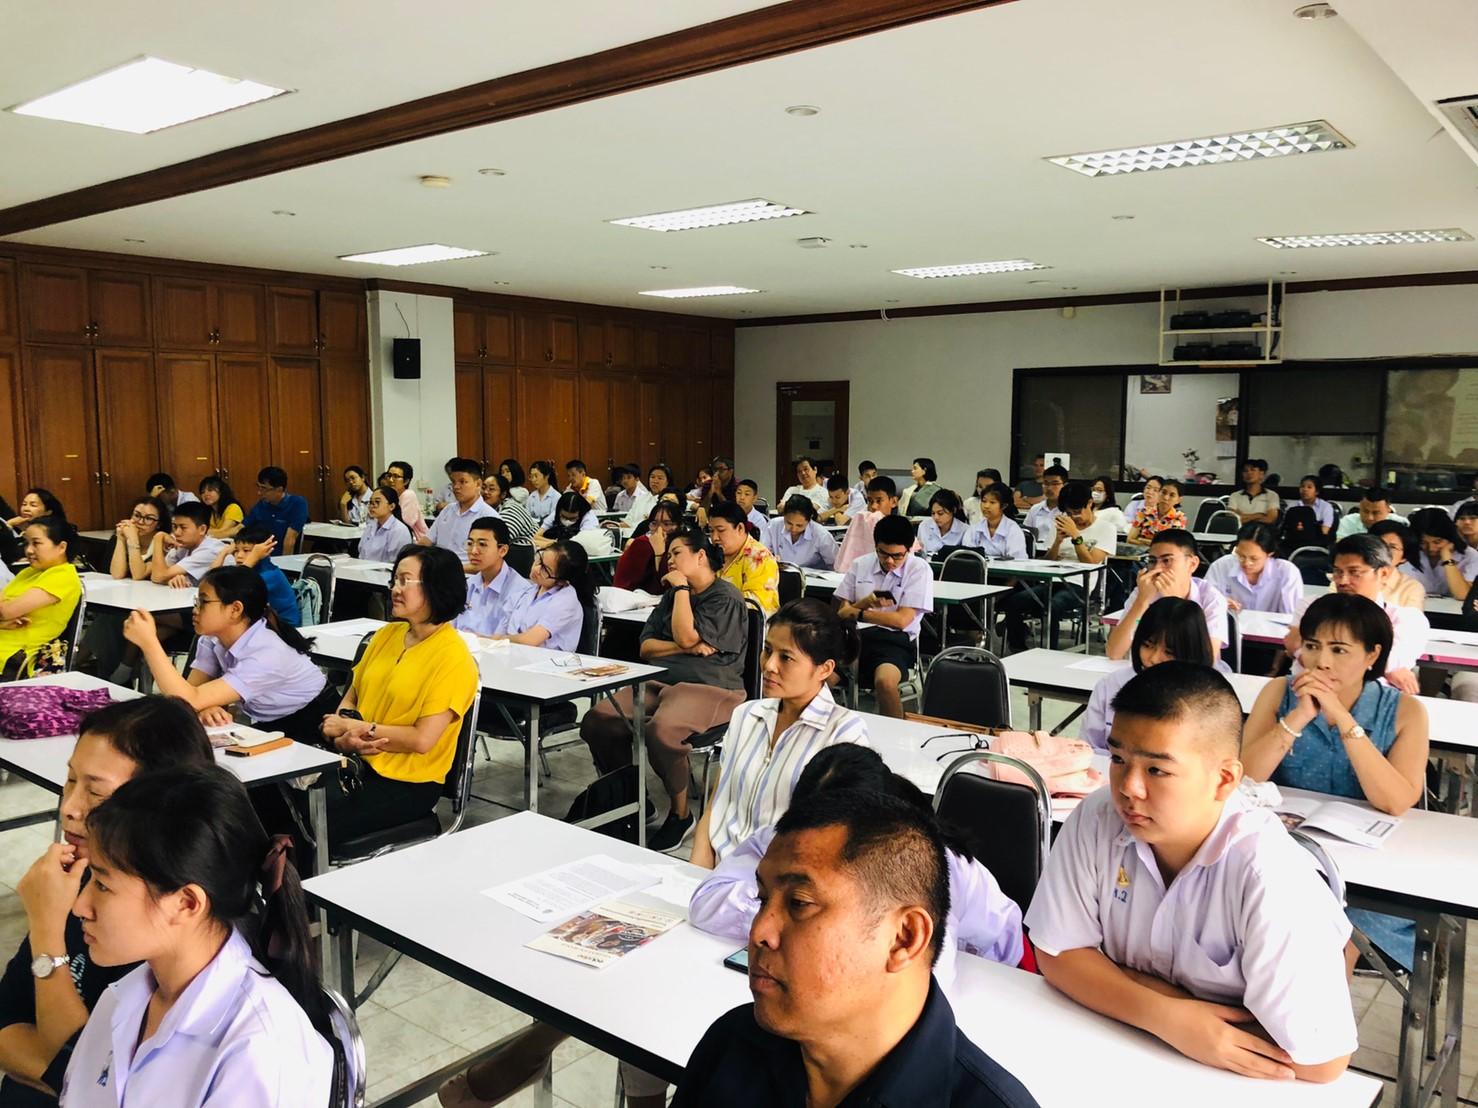 บรรยากาศการสอบชิงทุนนักเรียนแลกเปลี่ยนโรงเรียนหอวัง